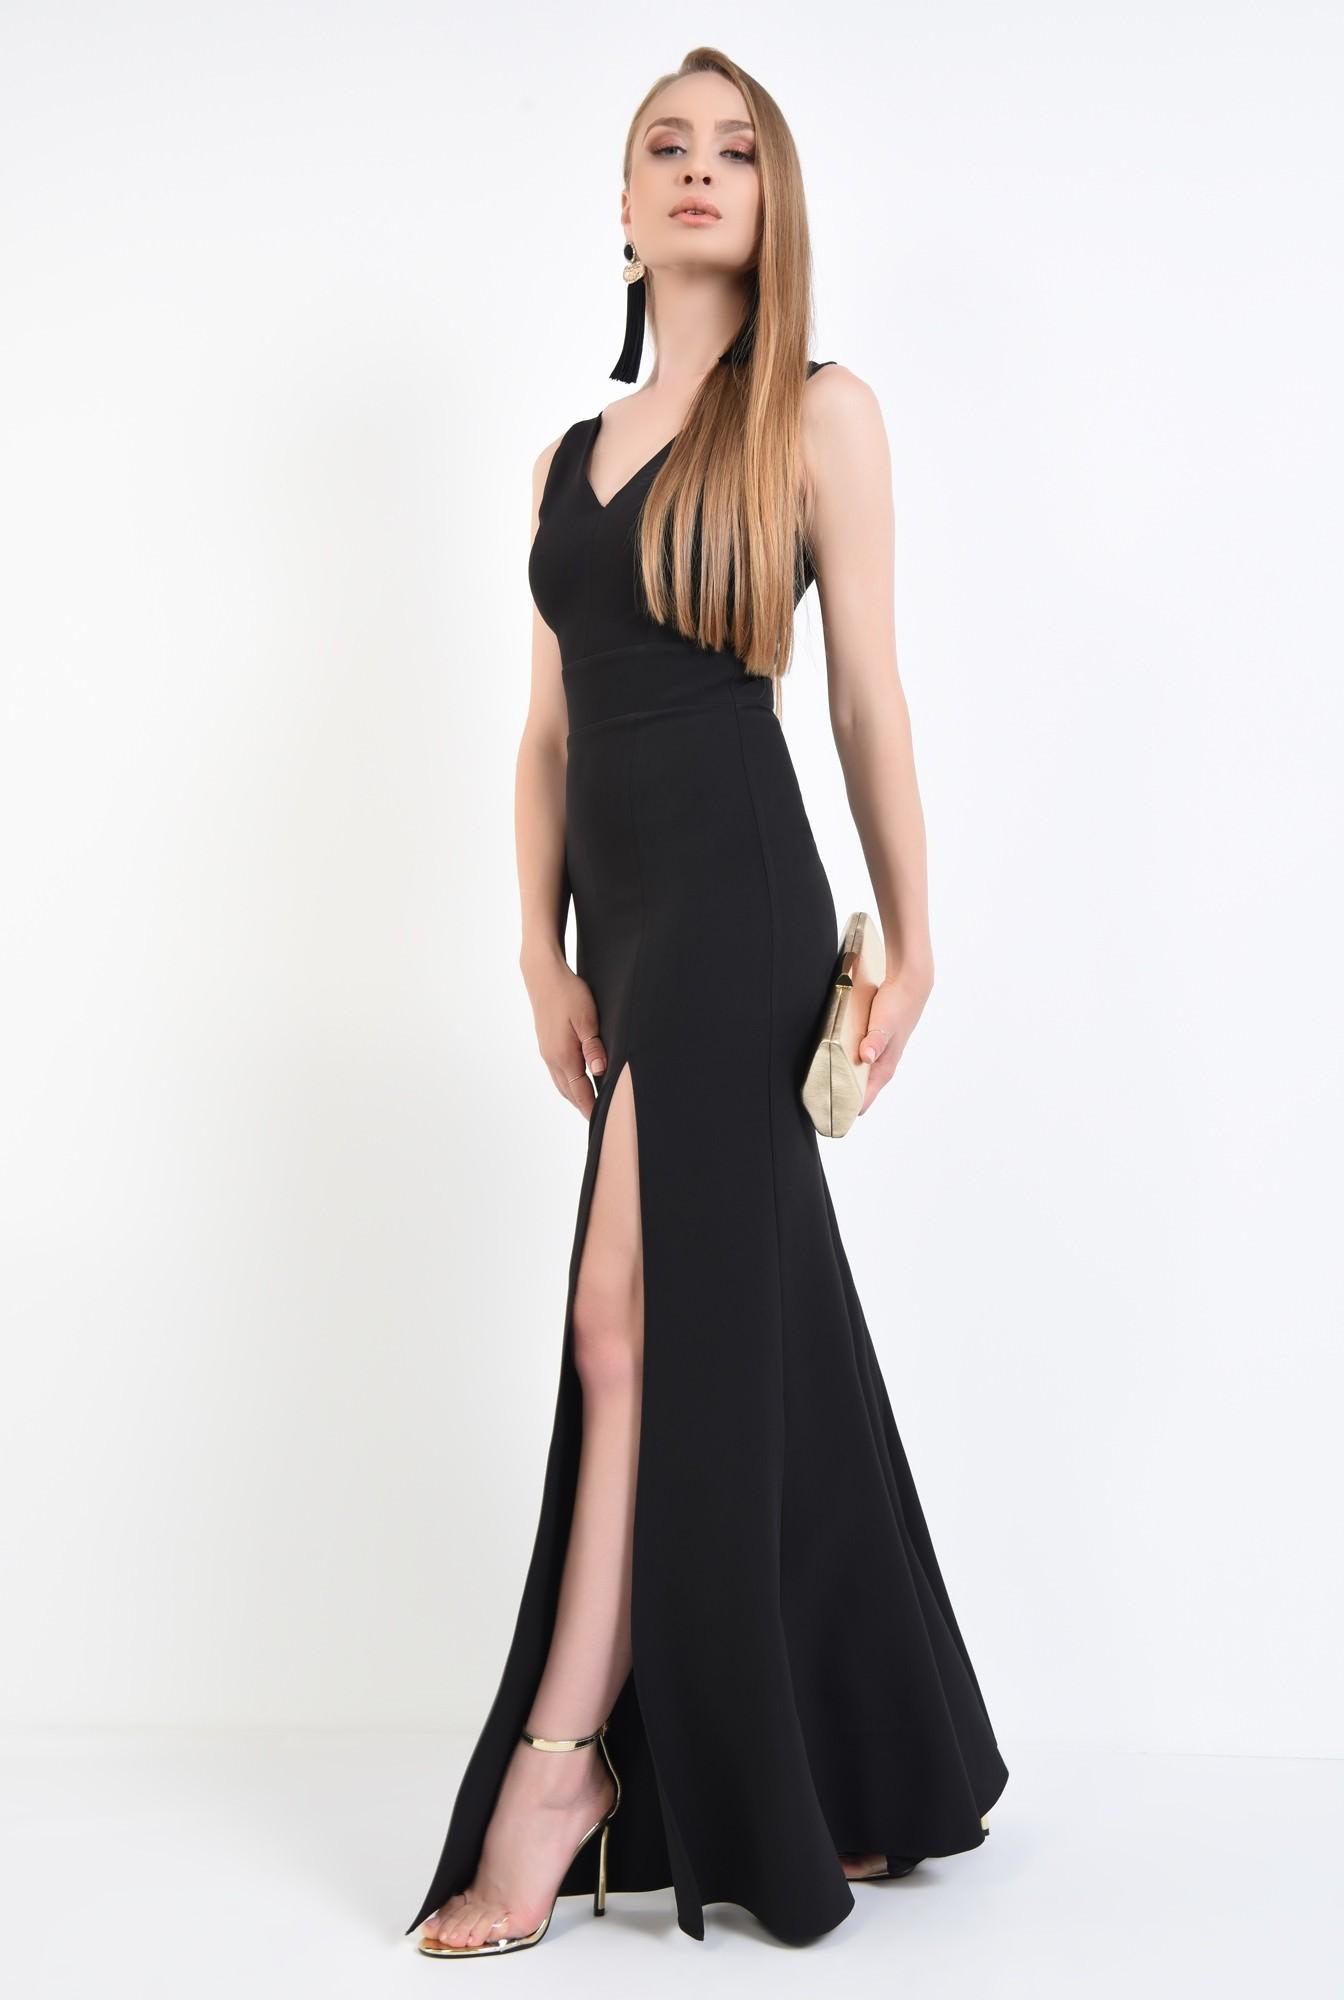 3 - rochie de seara, decolteu, anchior, negru, slit